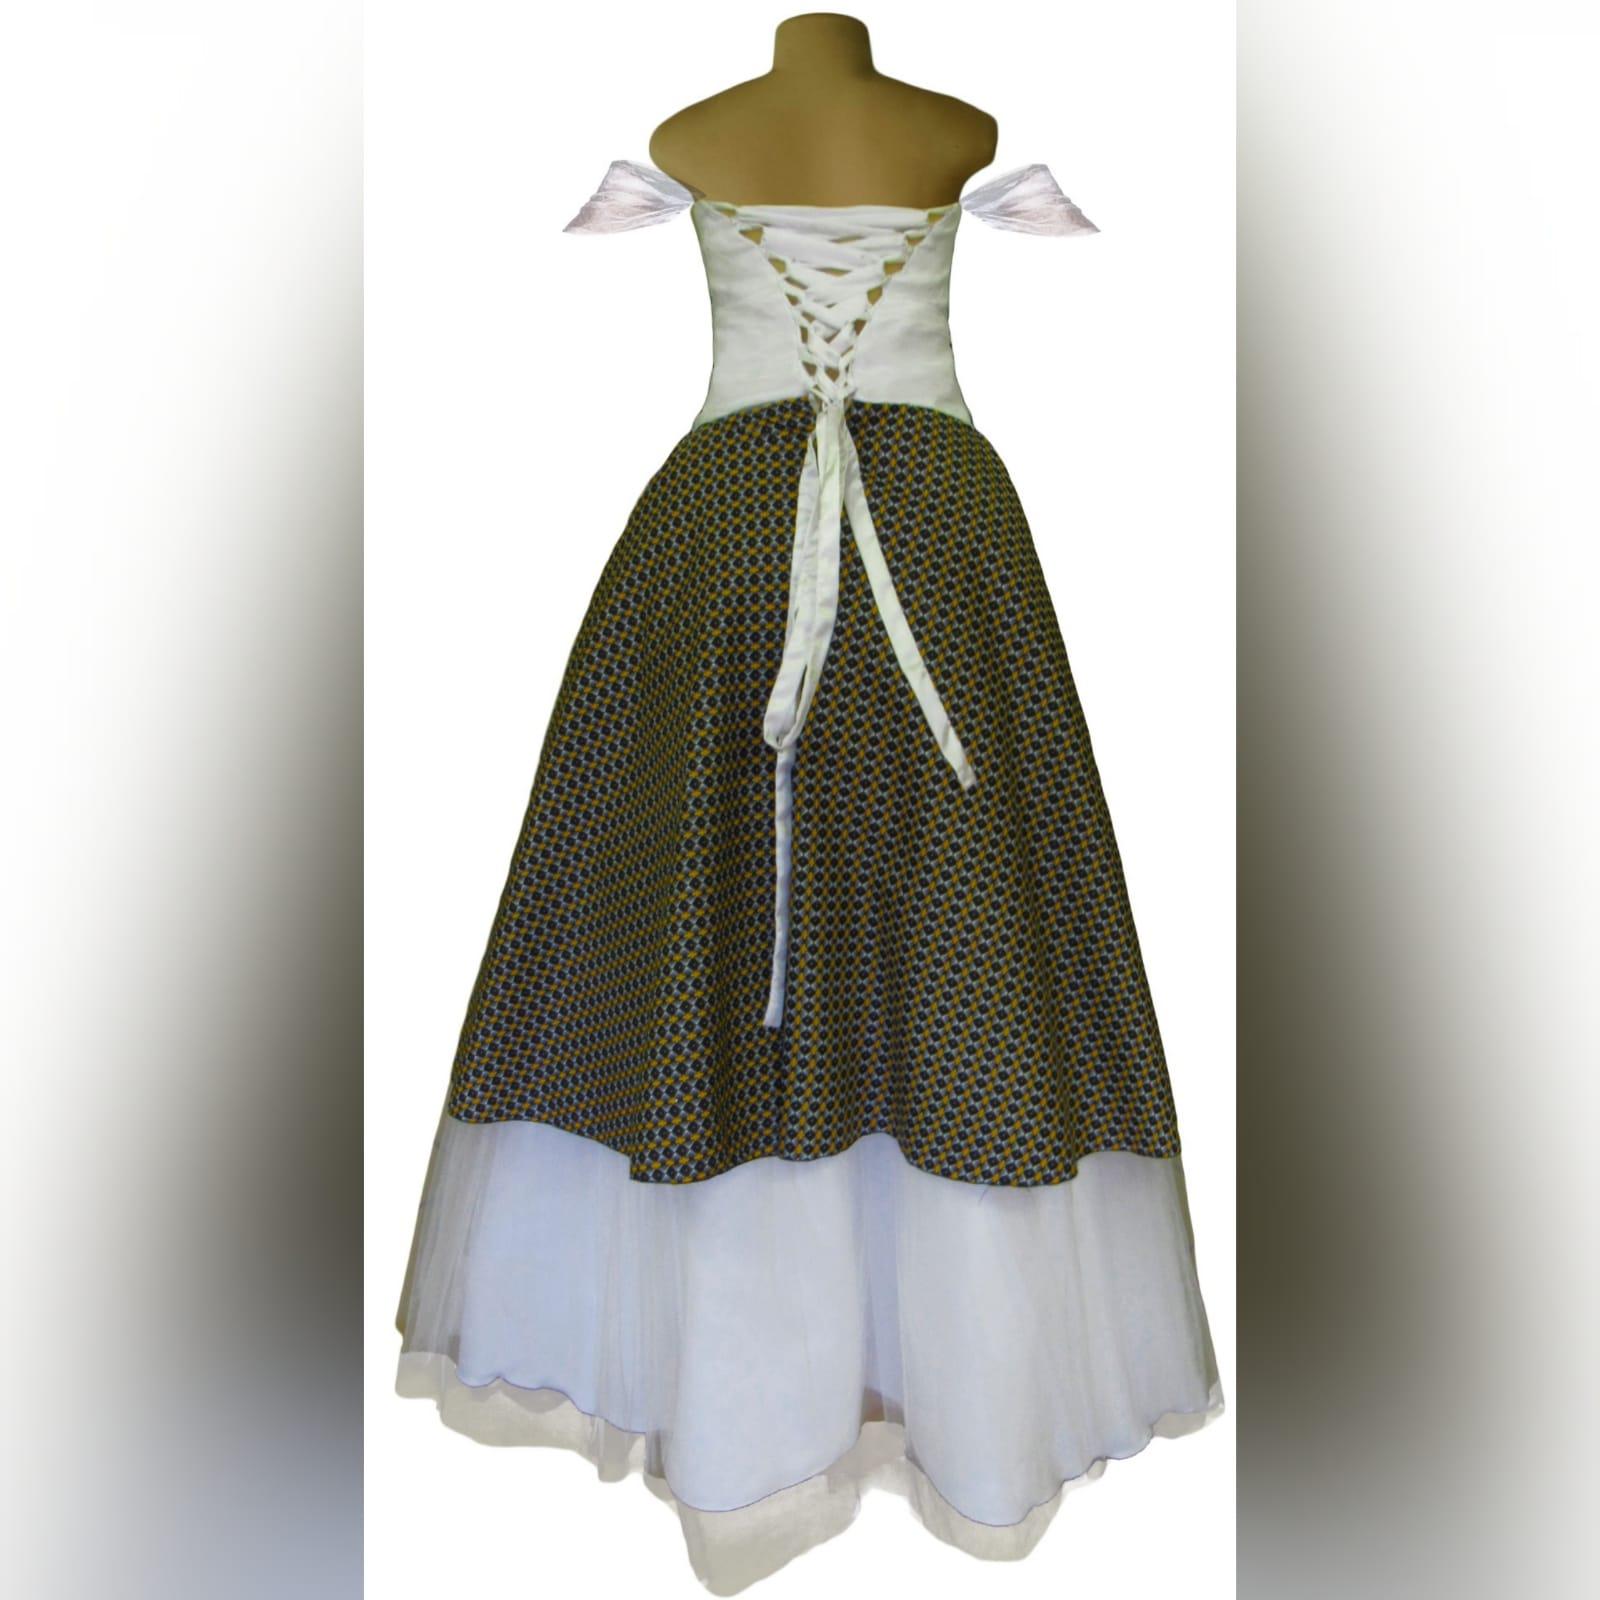 Vestido de noiva tradicional africano branco e castanho 5 vestido de noiva tradicional africano branco e castanho. Decote coração, alças fora de ombro em tule, com uma saia em tule e uma sobreposição de tecido tradicional africano. Casaco do noivo combinando e gravata-borboleta